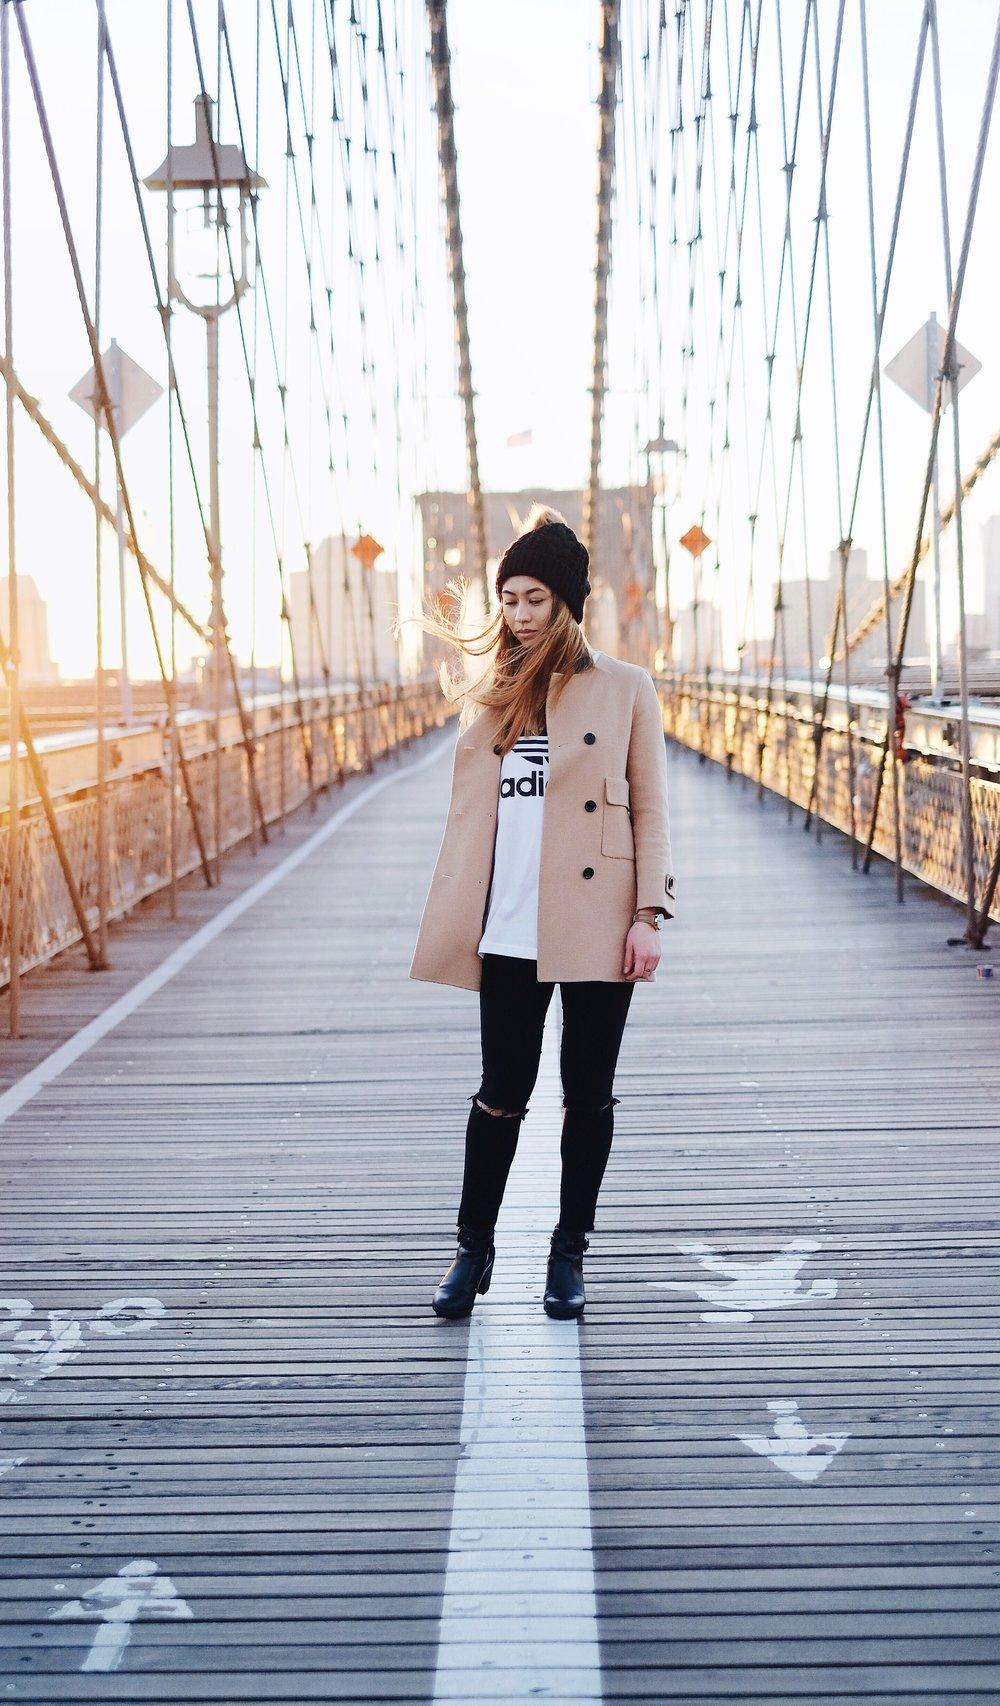 Asian girl on a new york bridge by a social media photographer